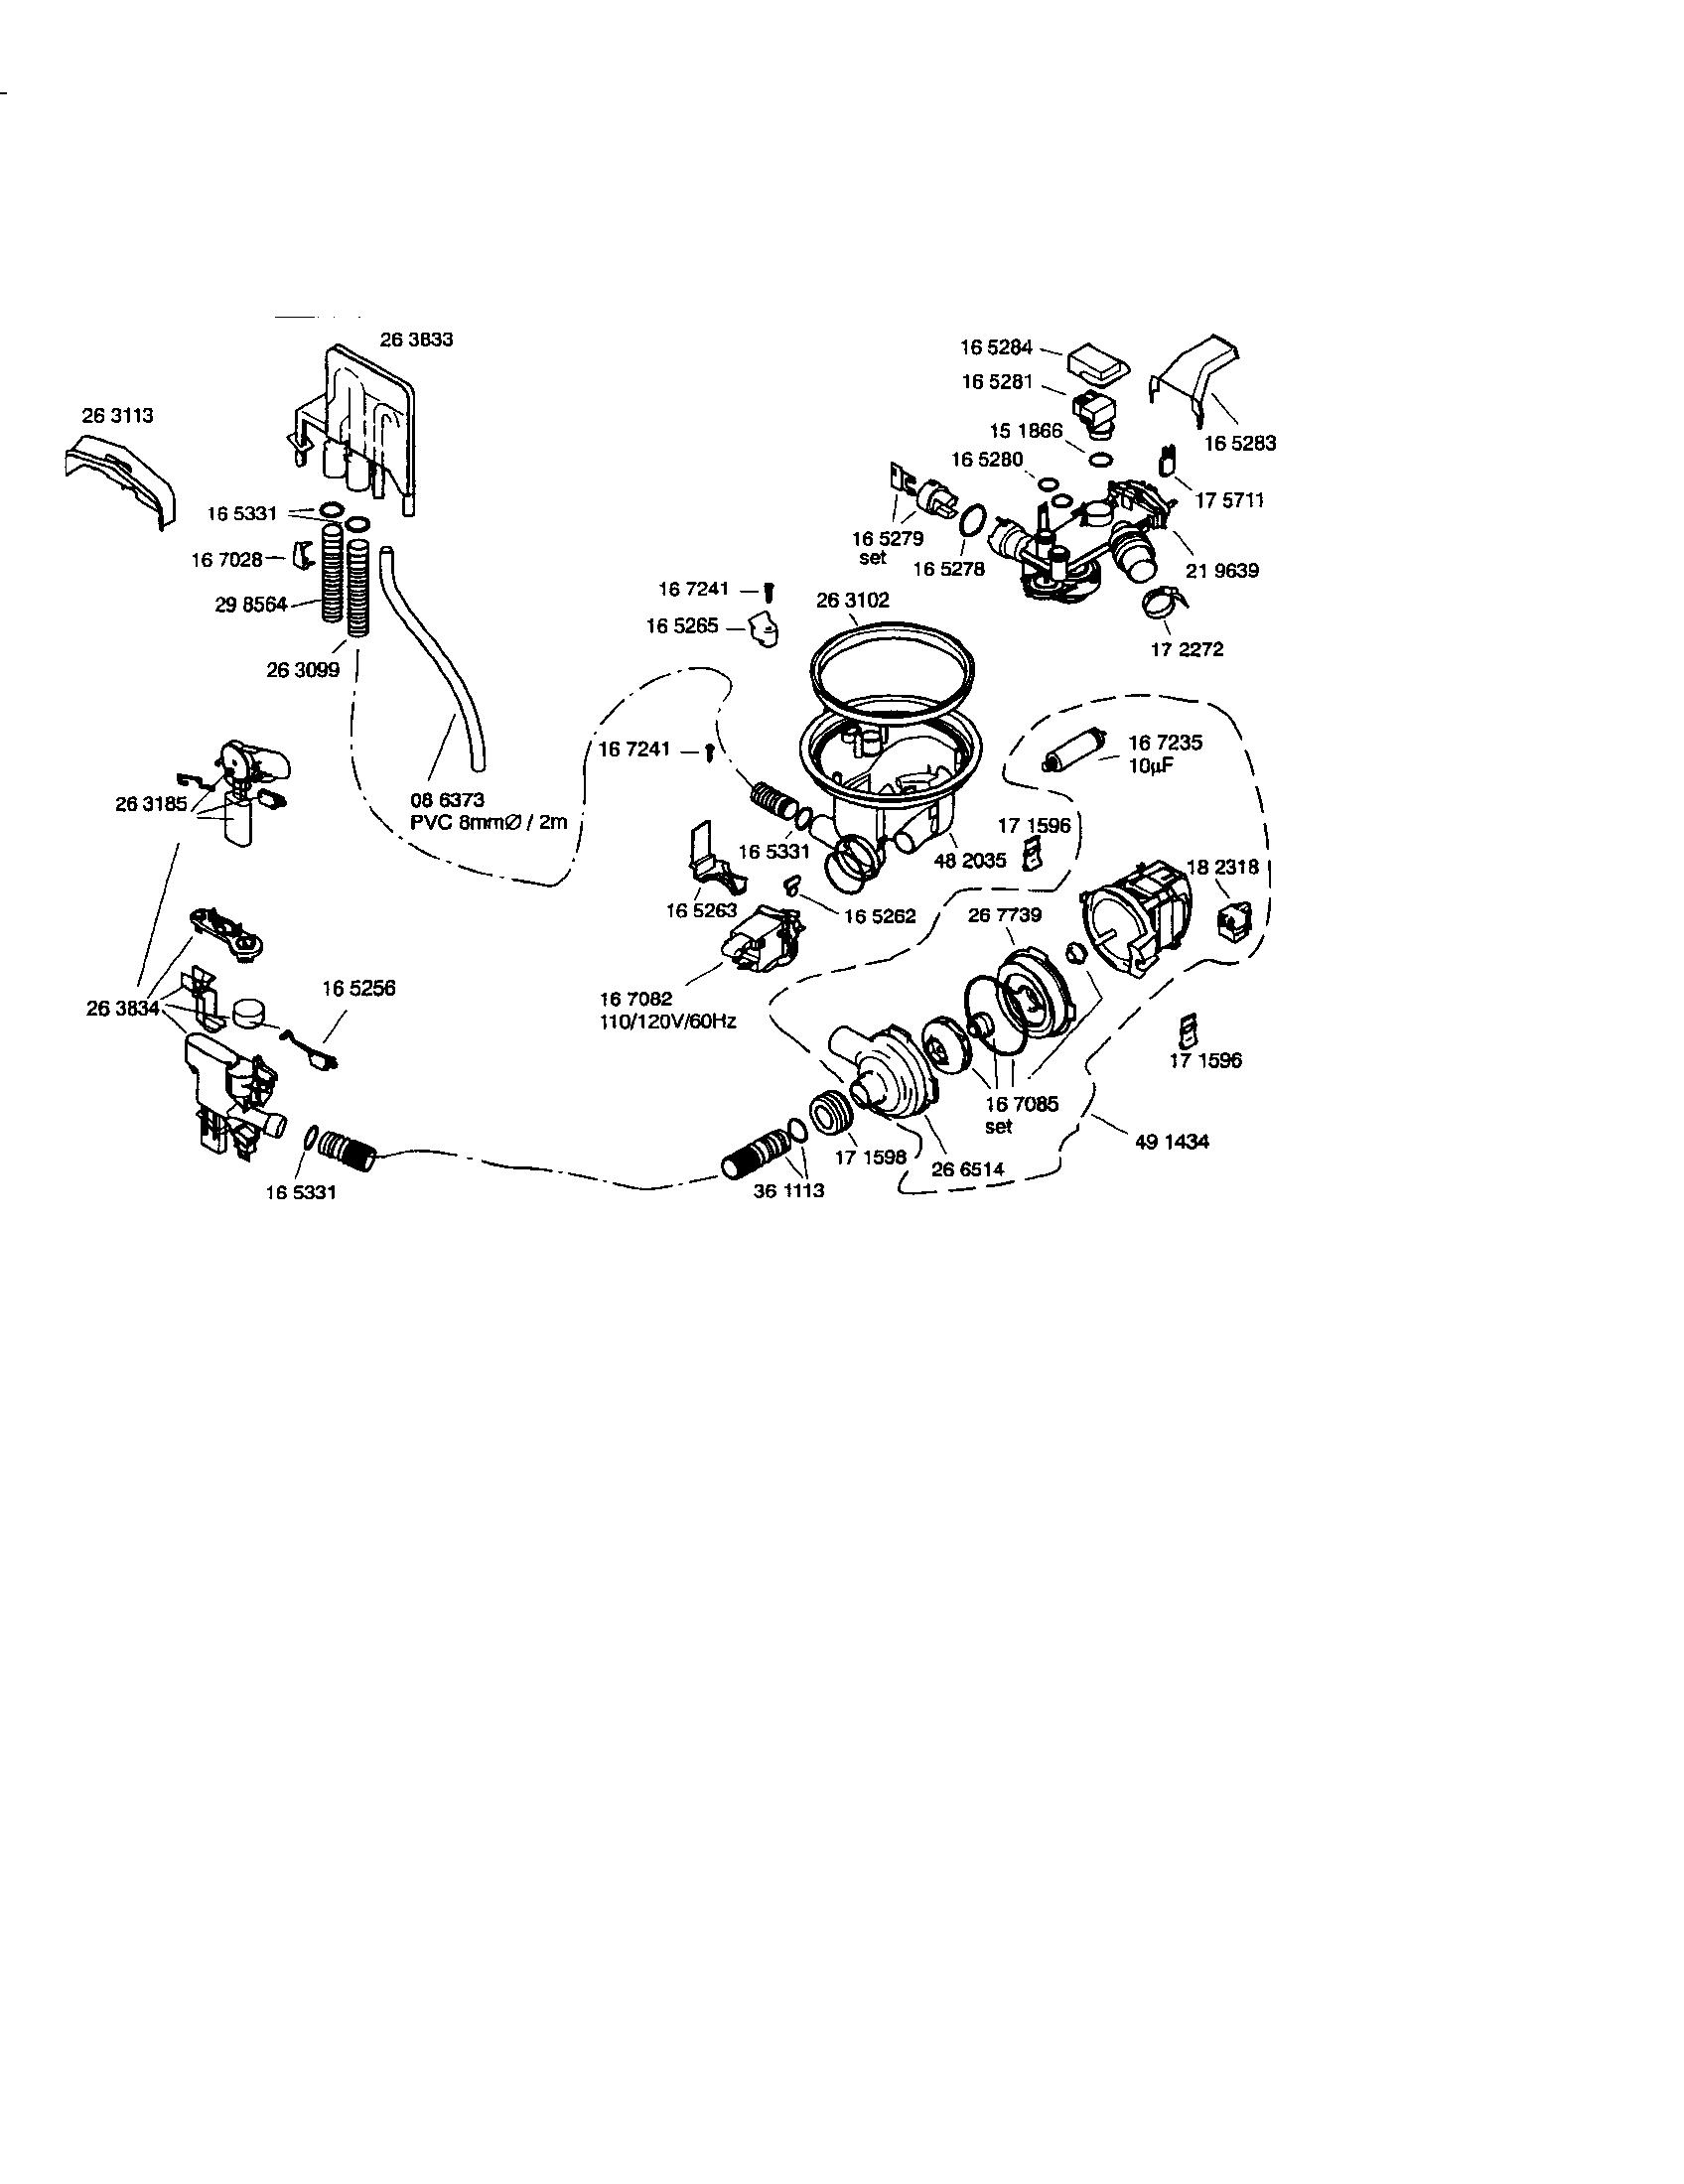 Glamorous Kubota Zd28 Wiring Diagram san francisco county – Kubota Zd28 Wiring-diagram